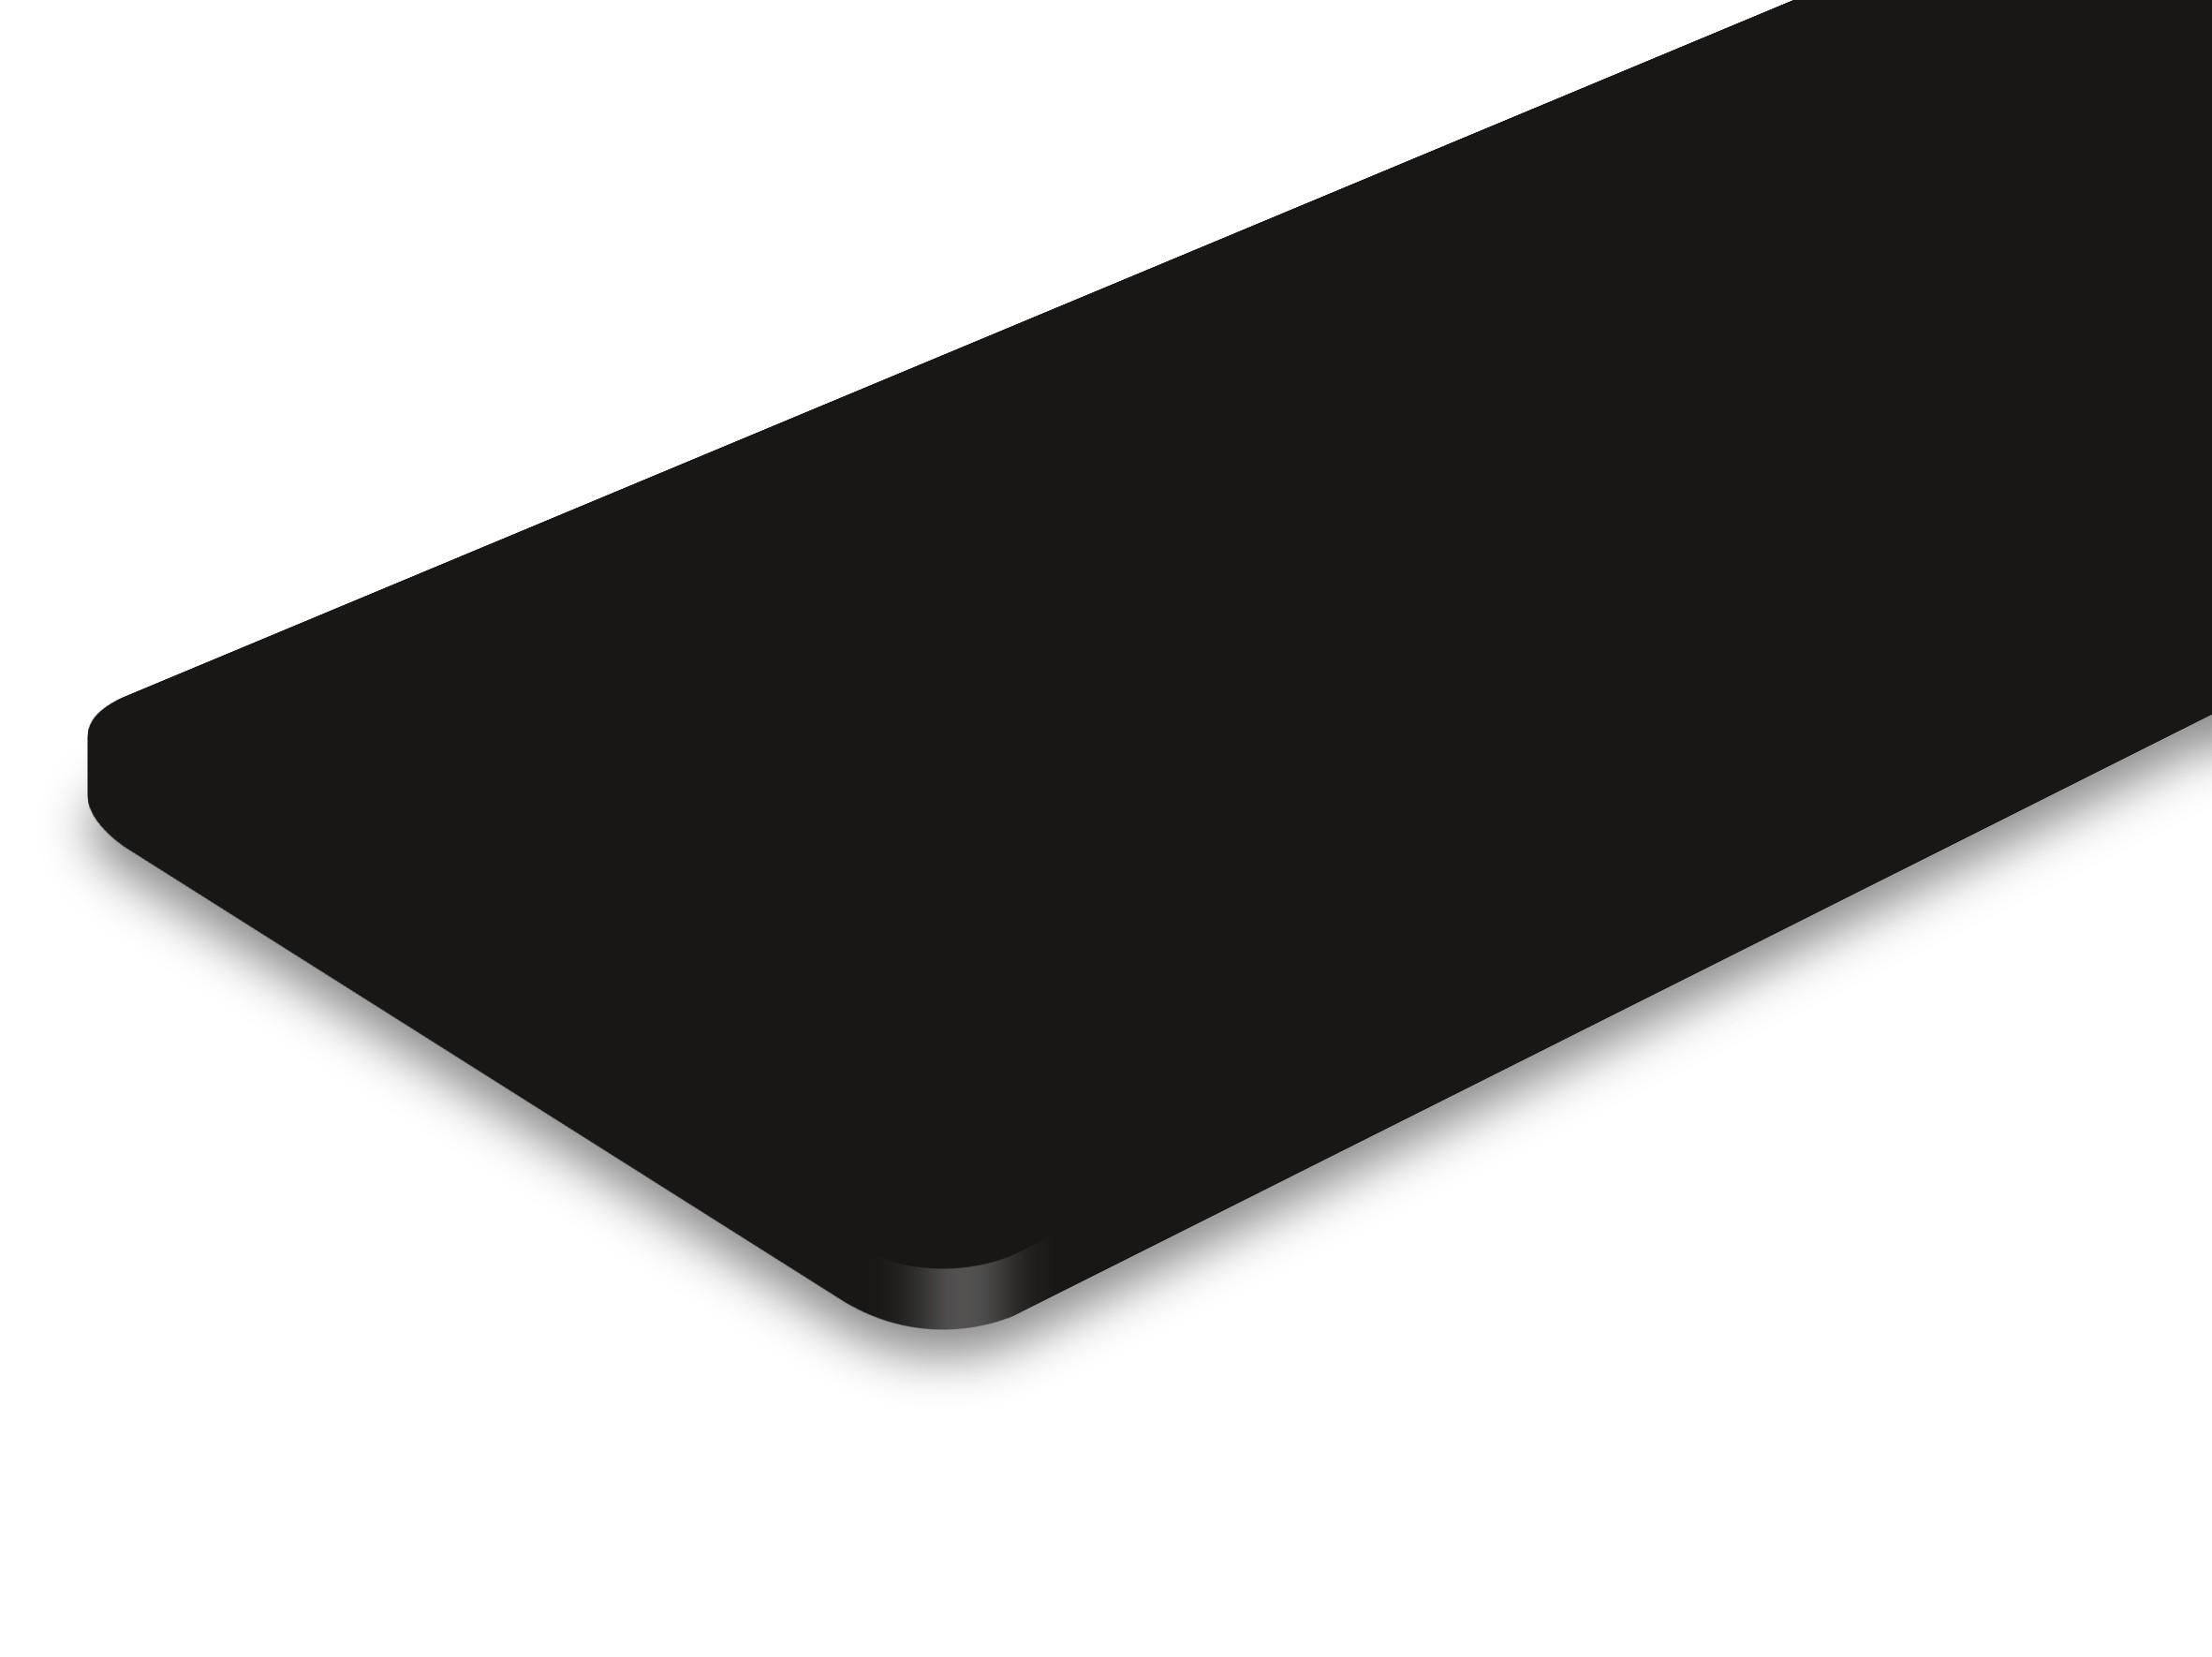 L404-103 Noir 0,8mm (acryflex)